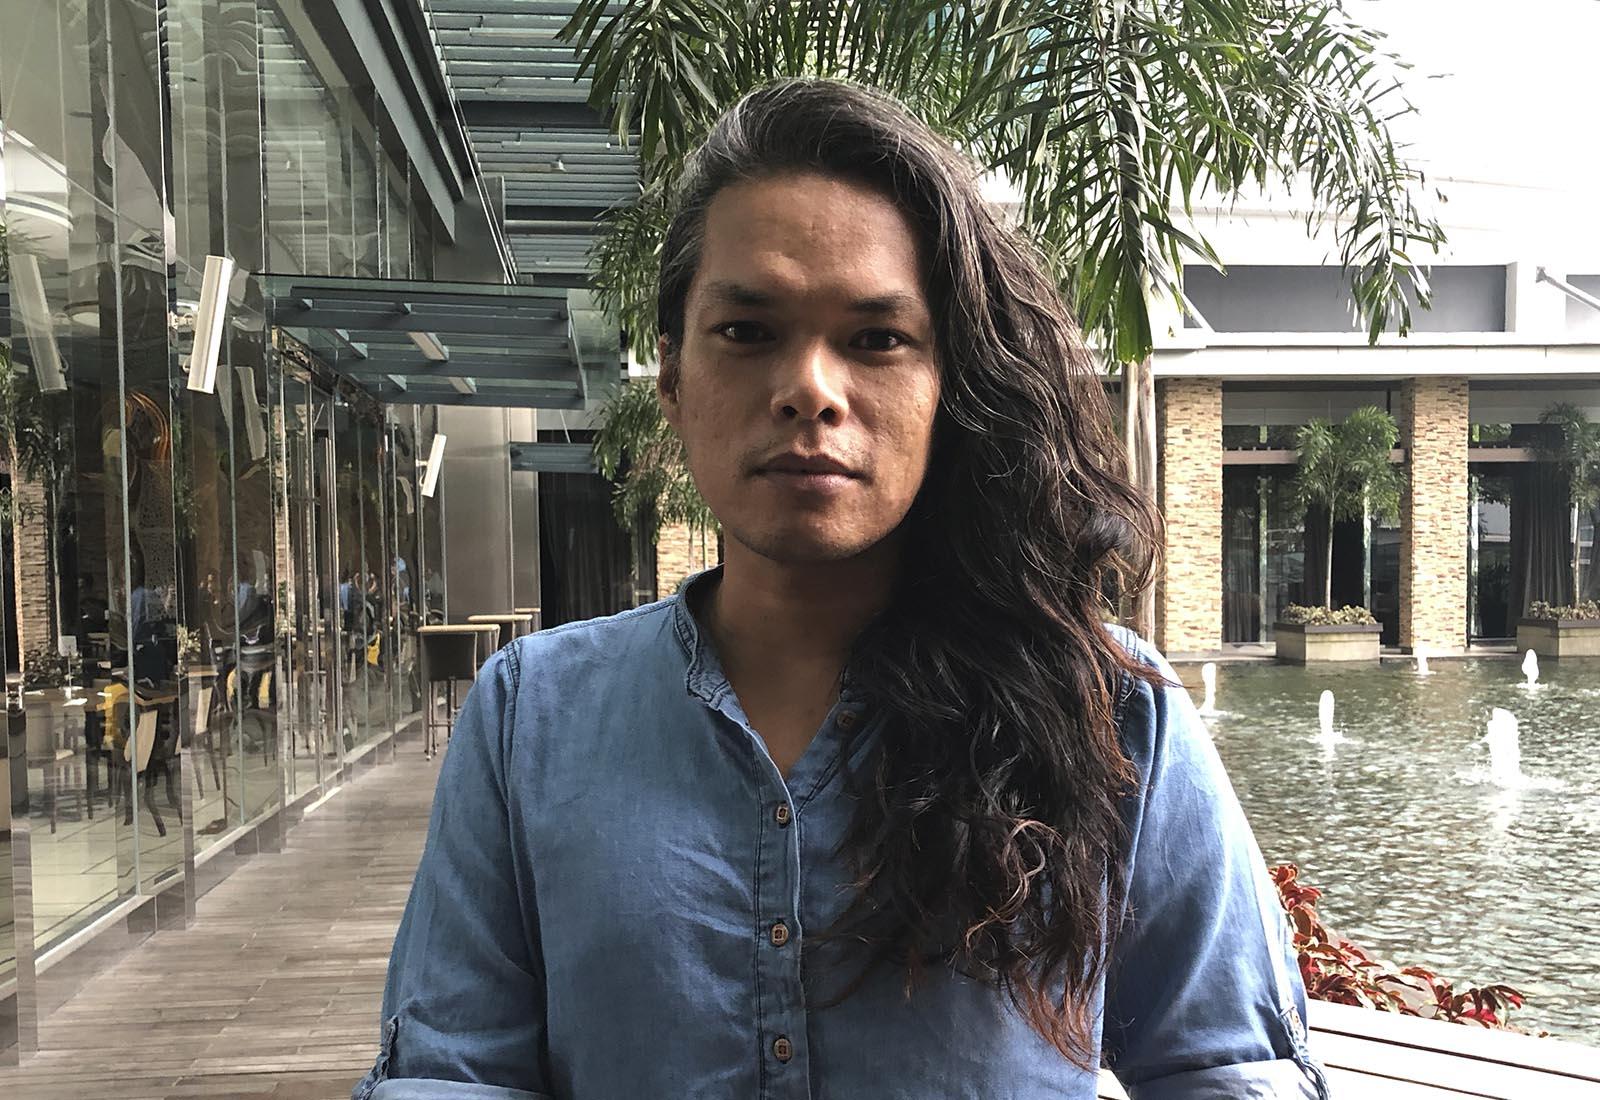 Photo of Masih Ingin Berlakon, Isma Yusoof Idam Mahu Bawa Watak Transgender